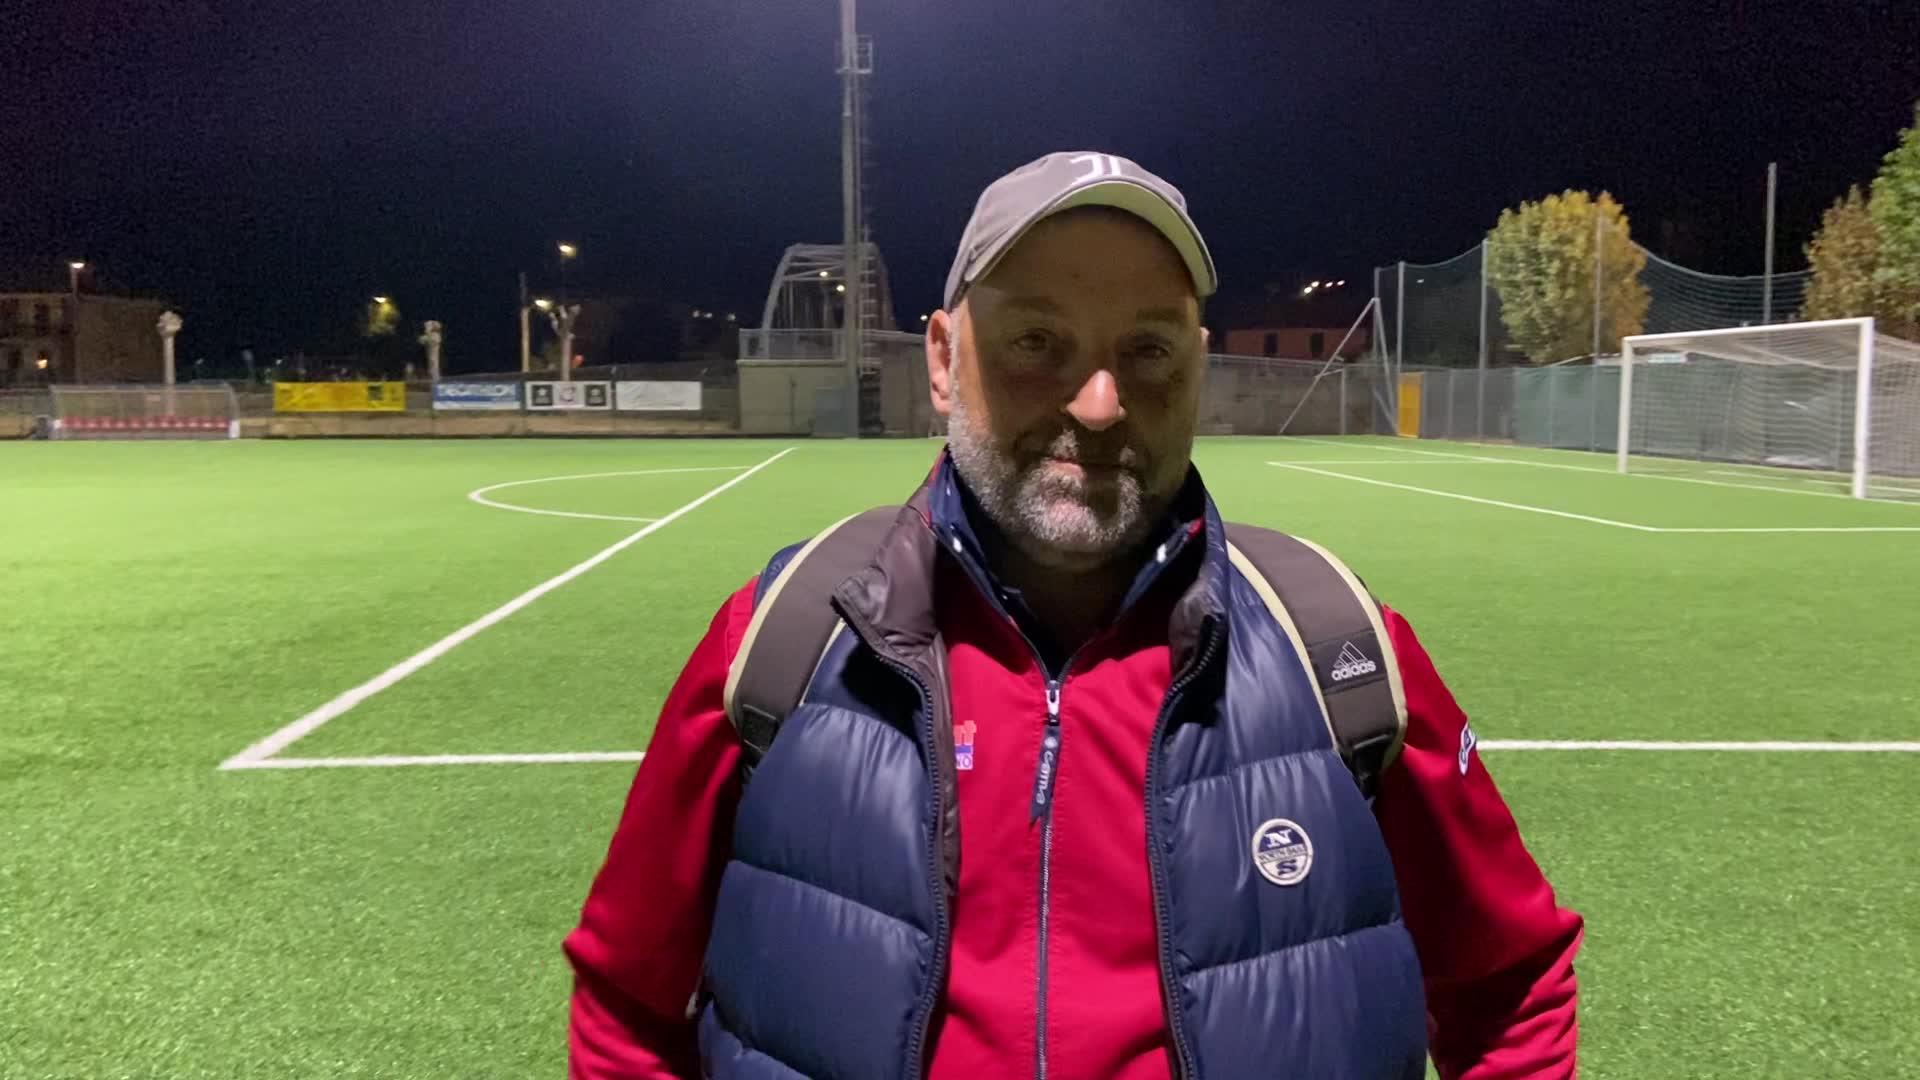 Il Quiliano&Valleggia avvisa tutti: dopo il gioco anche goal e risultati